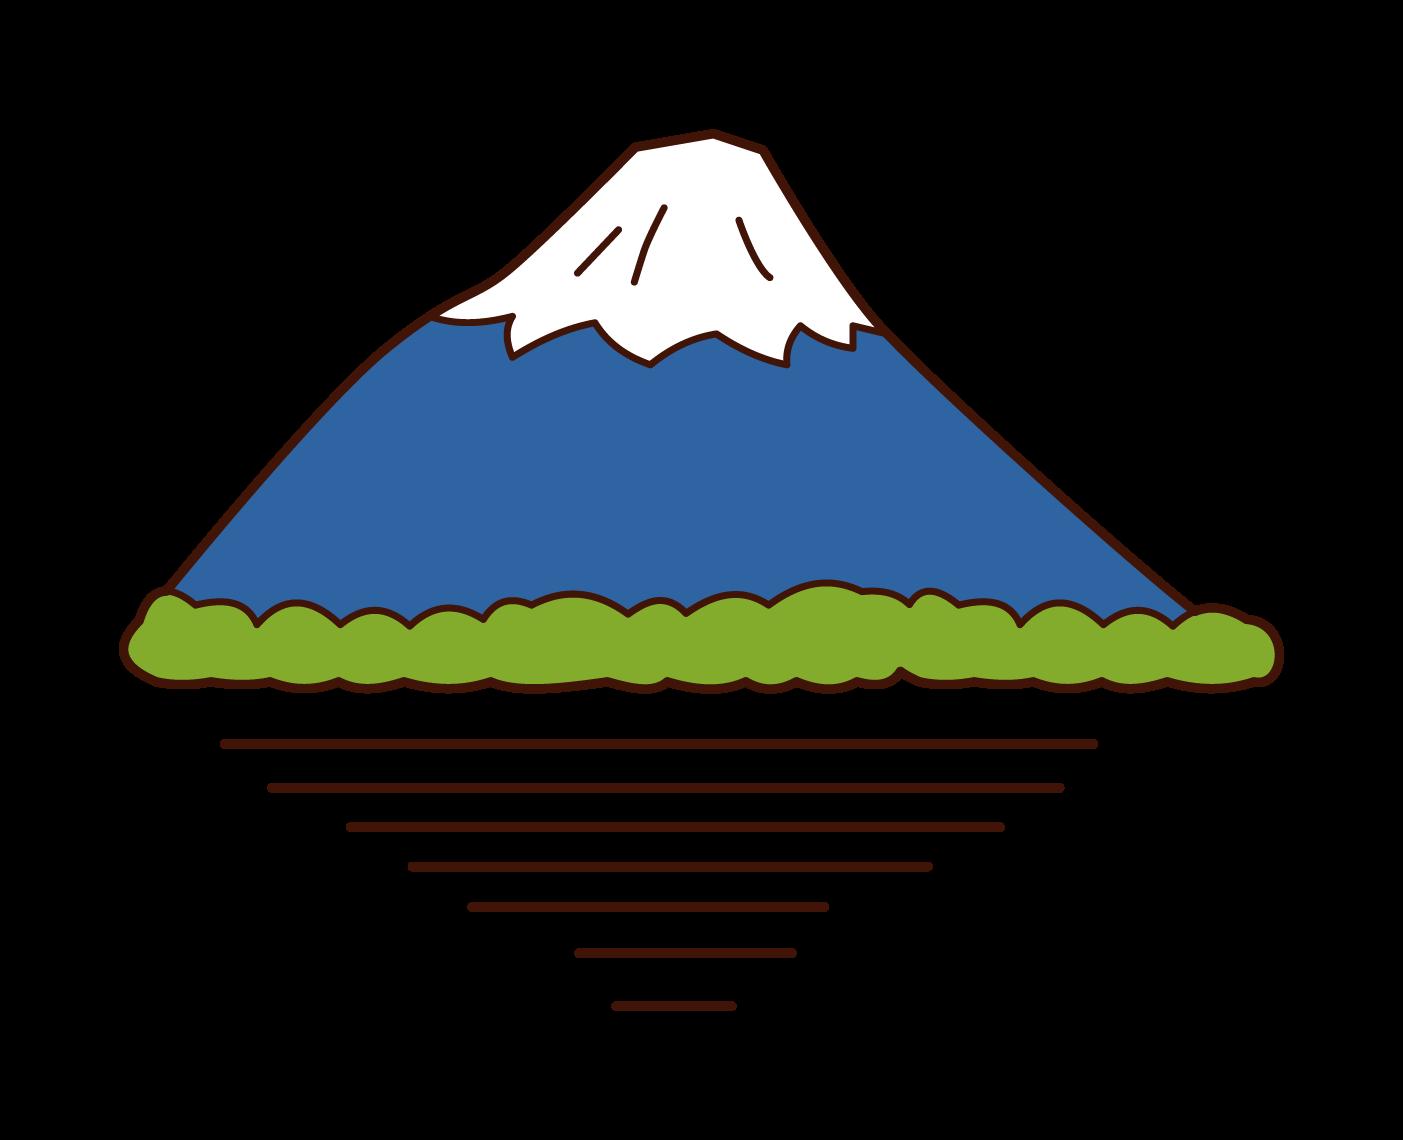 후지산 의 삽화